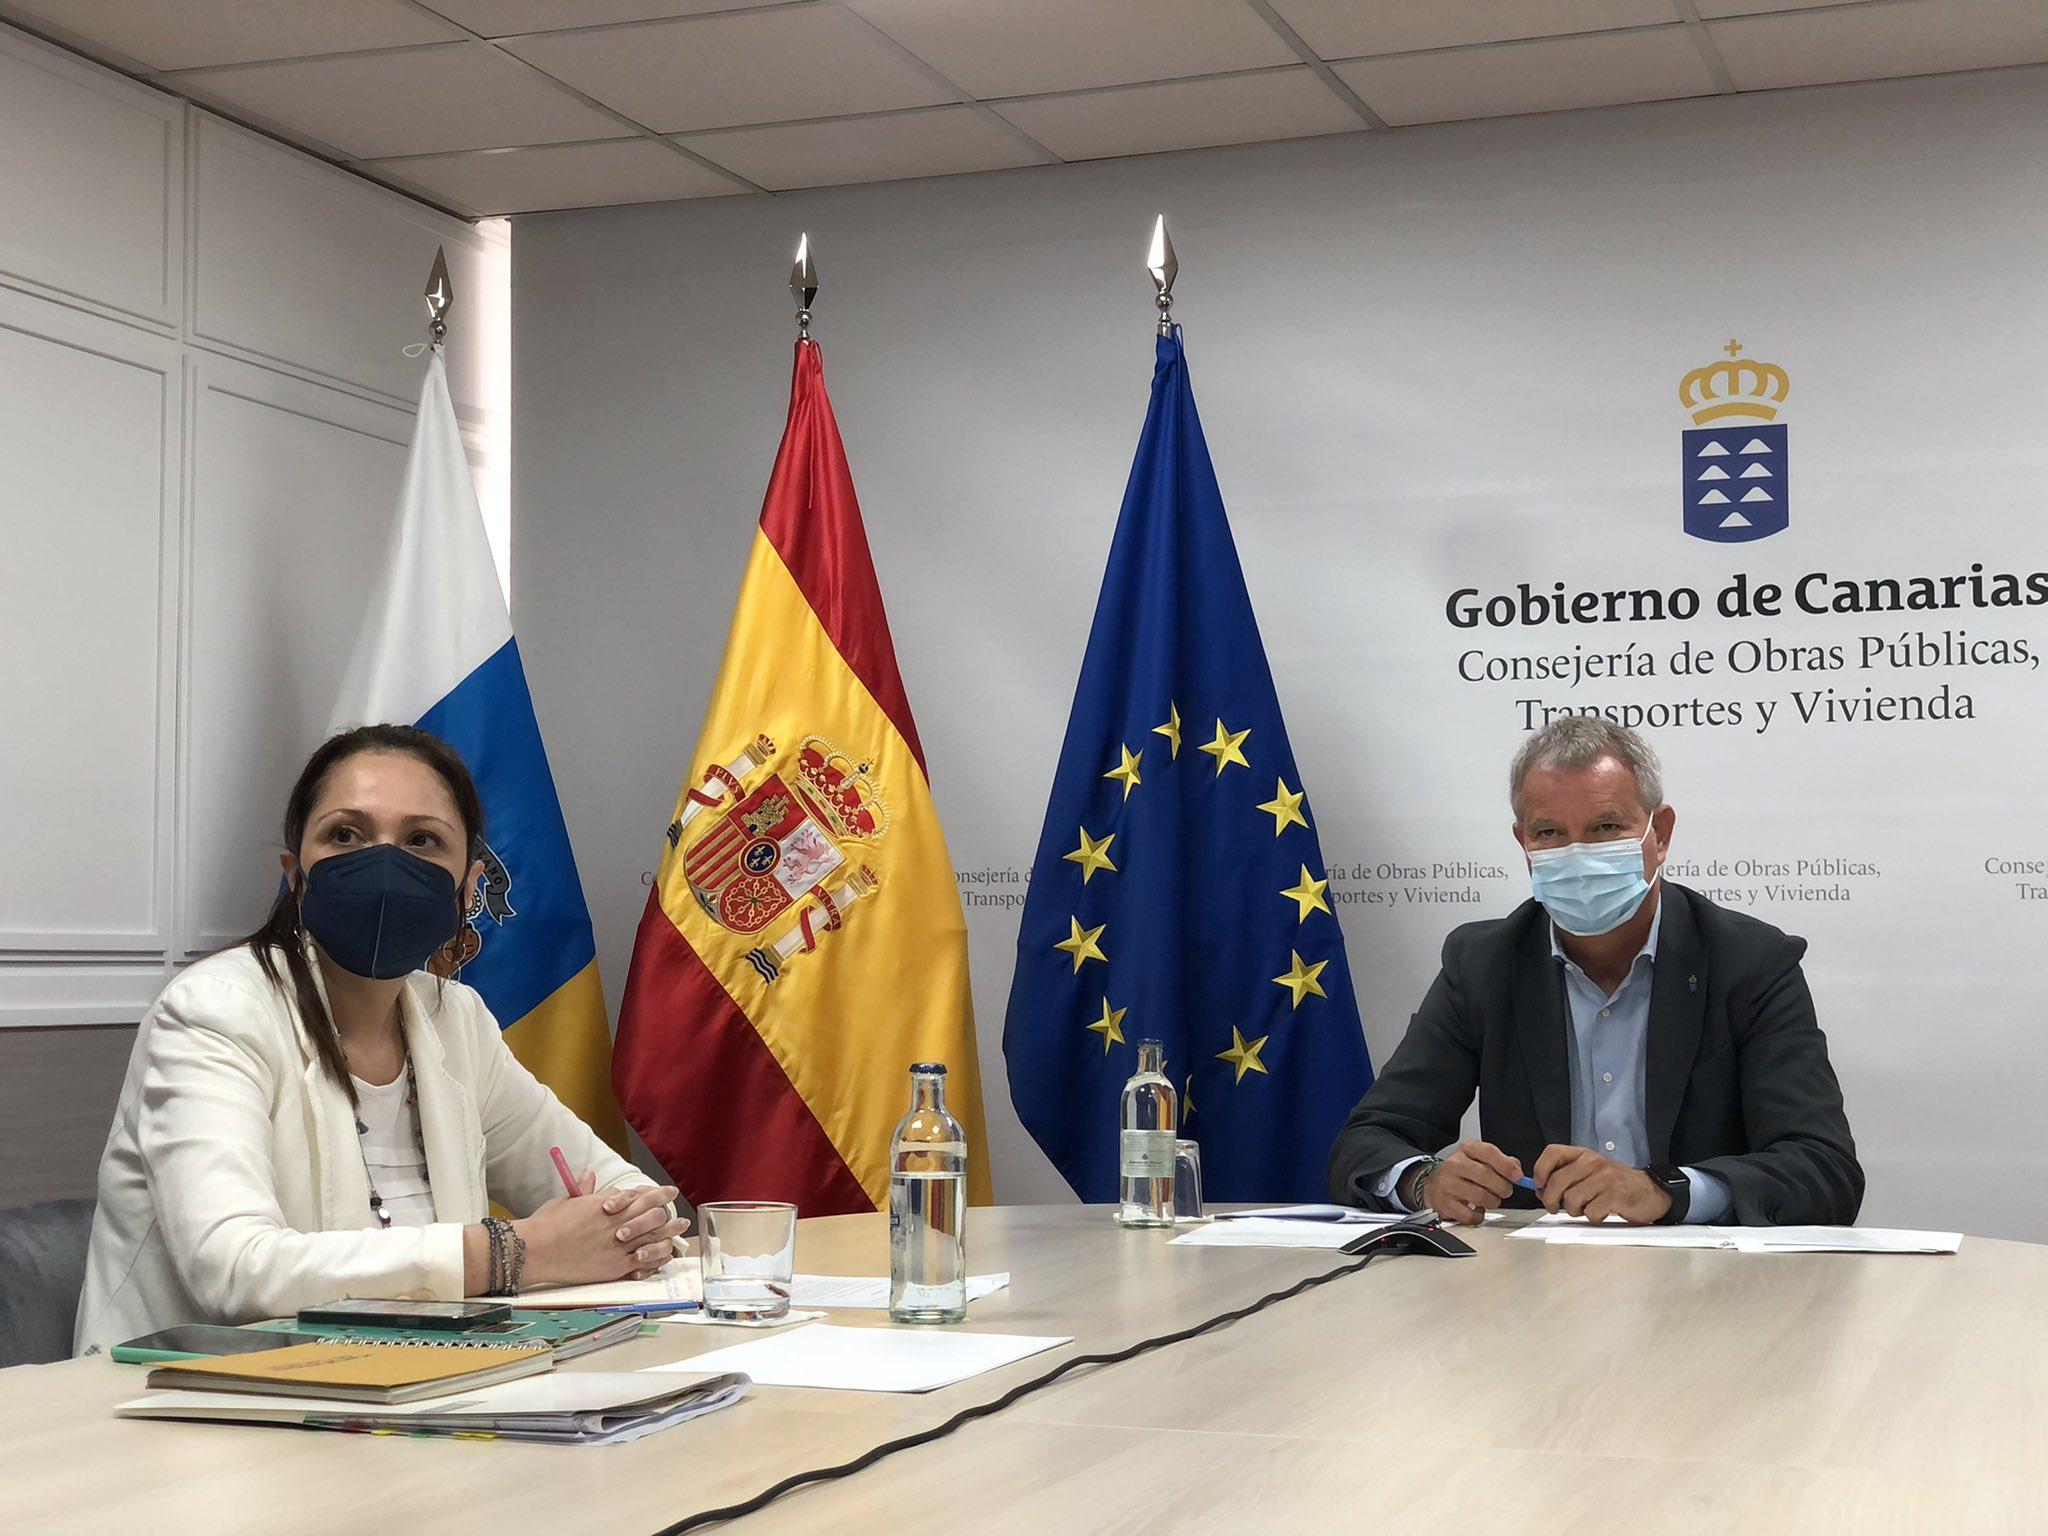 96 millones de euros para la rehabilitación y construcción de viviendas en Canarias / CanariasNoticias.es